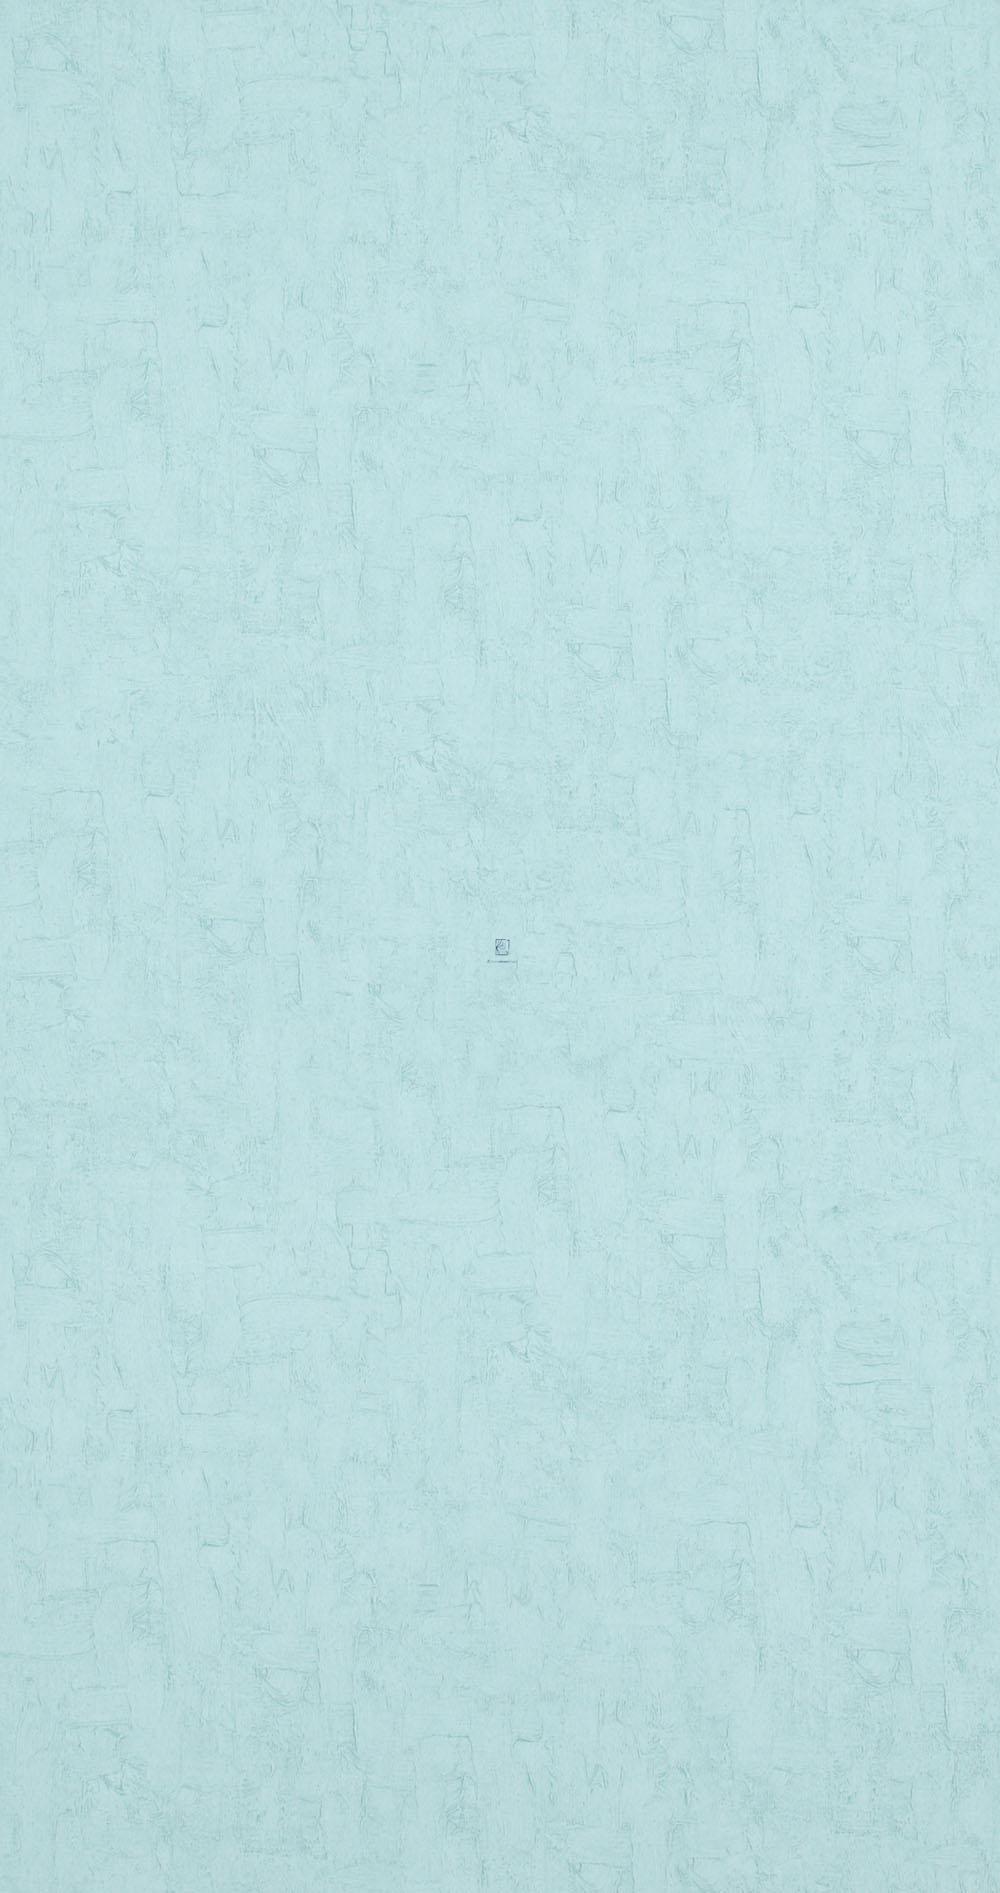 Bn wallcoverings van gogh 17112 behang - Fries behang wall ...